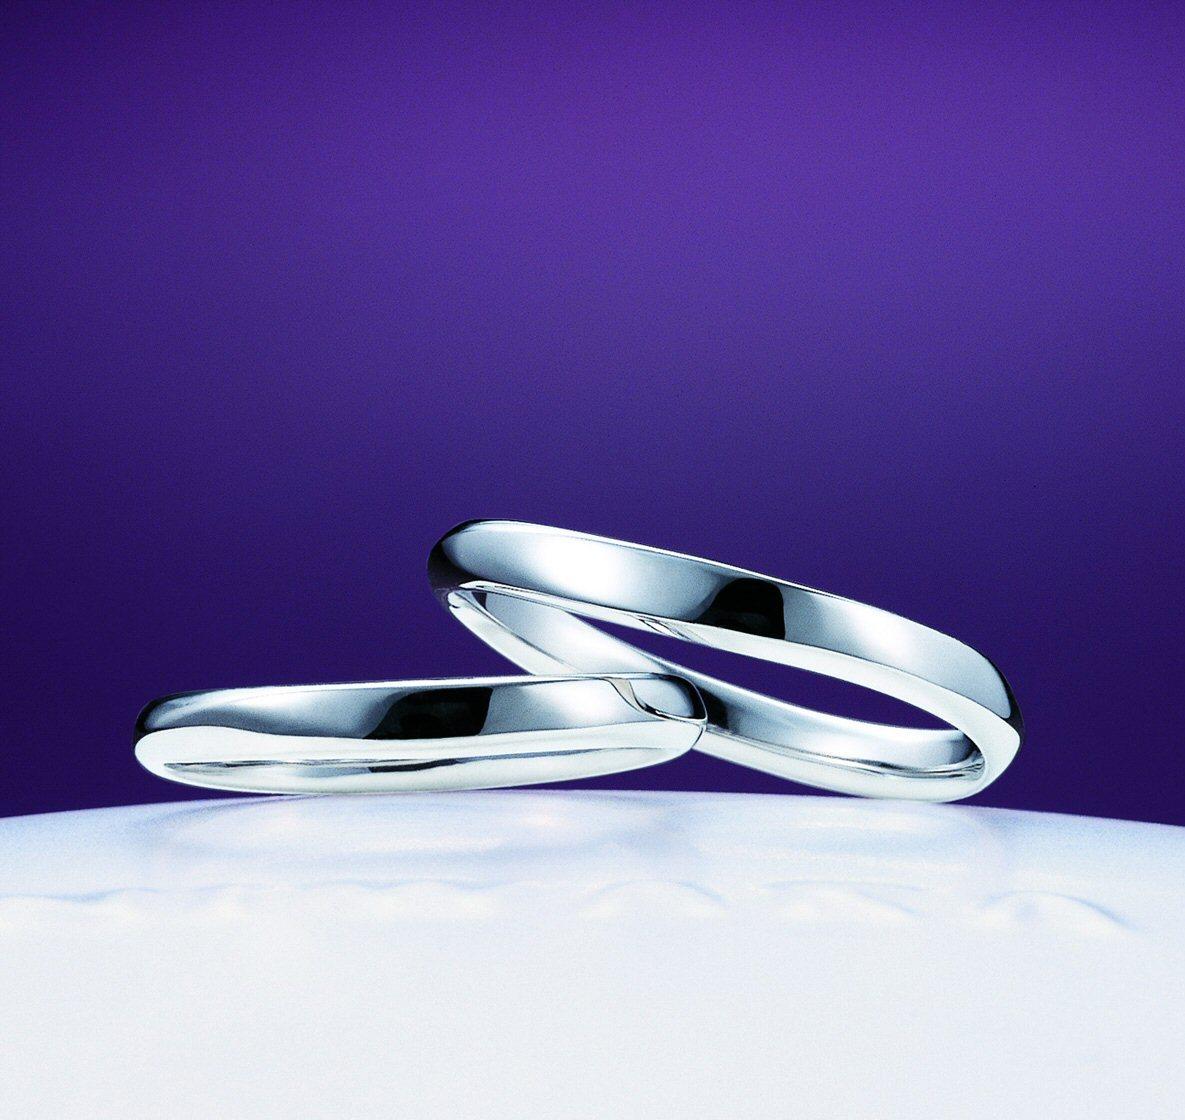 「笹舟(ささぶね)」の物語~指輪選びの帰り道に幻想的な夜を~俄の結婚指輪のエピソード_f0118568_16493804.jpg